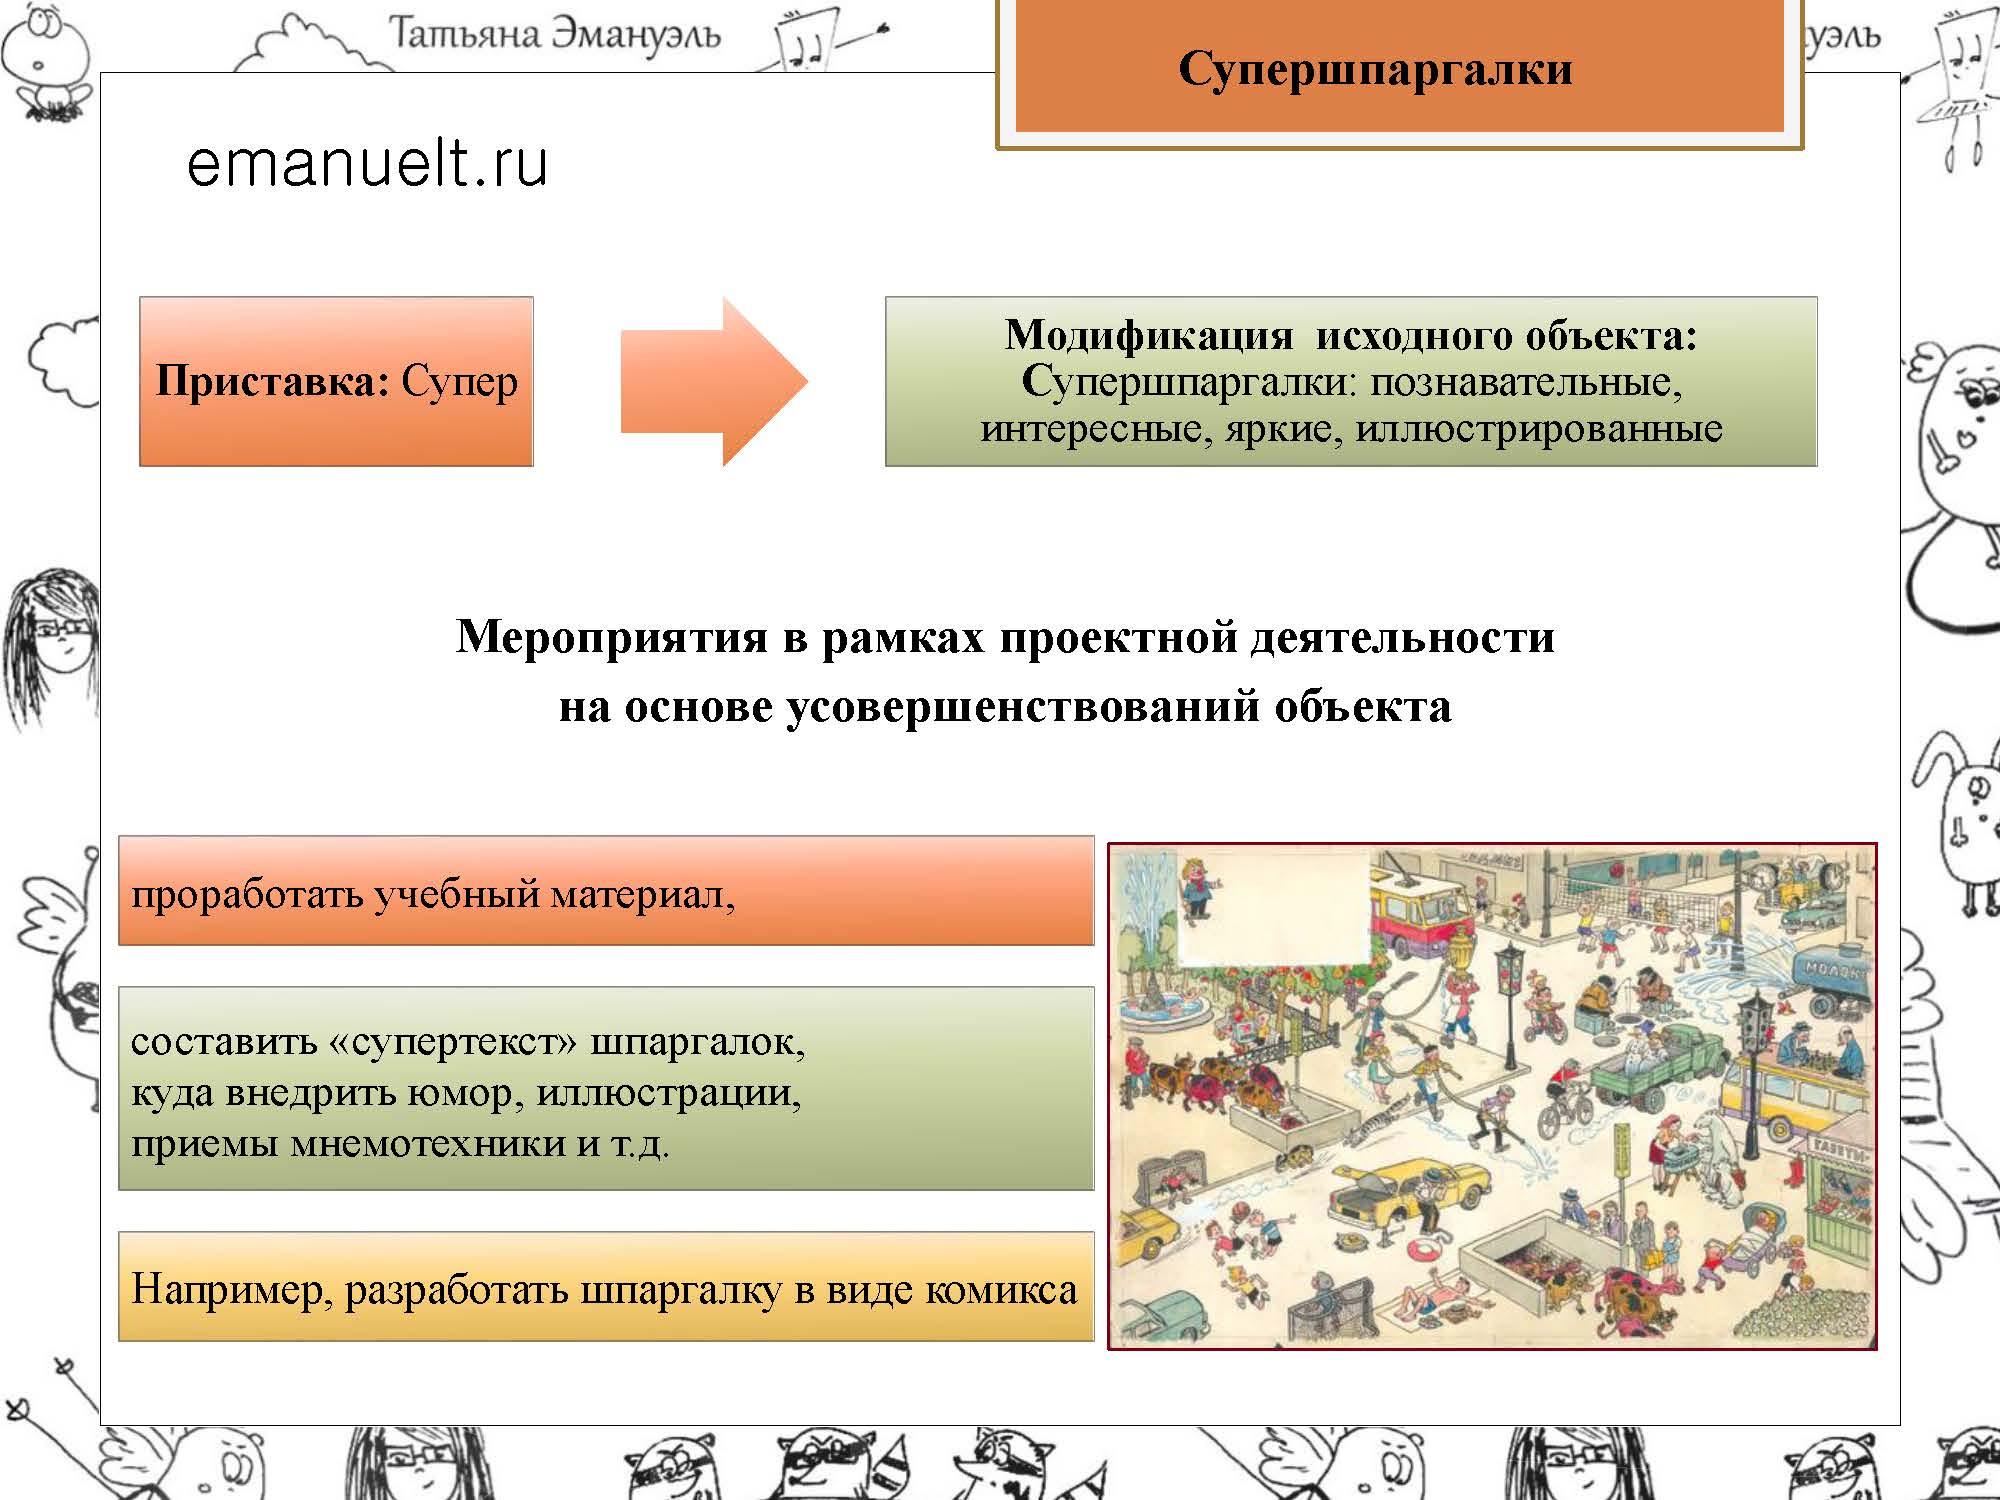 выбор тематик_Страница_54